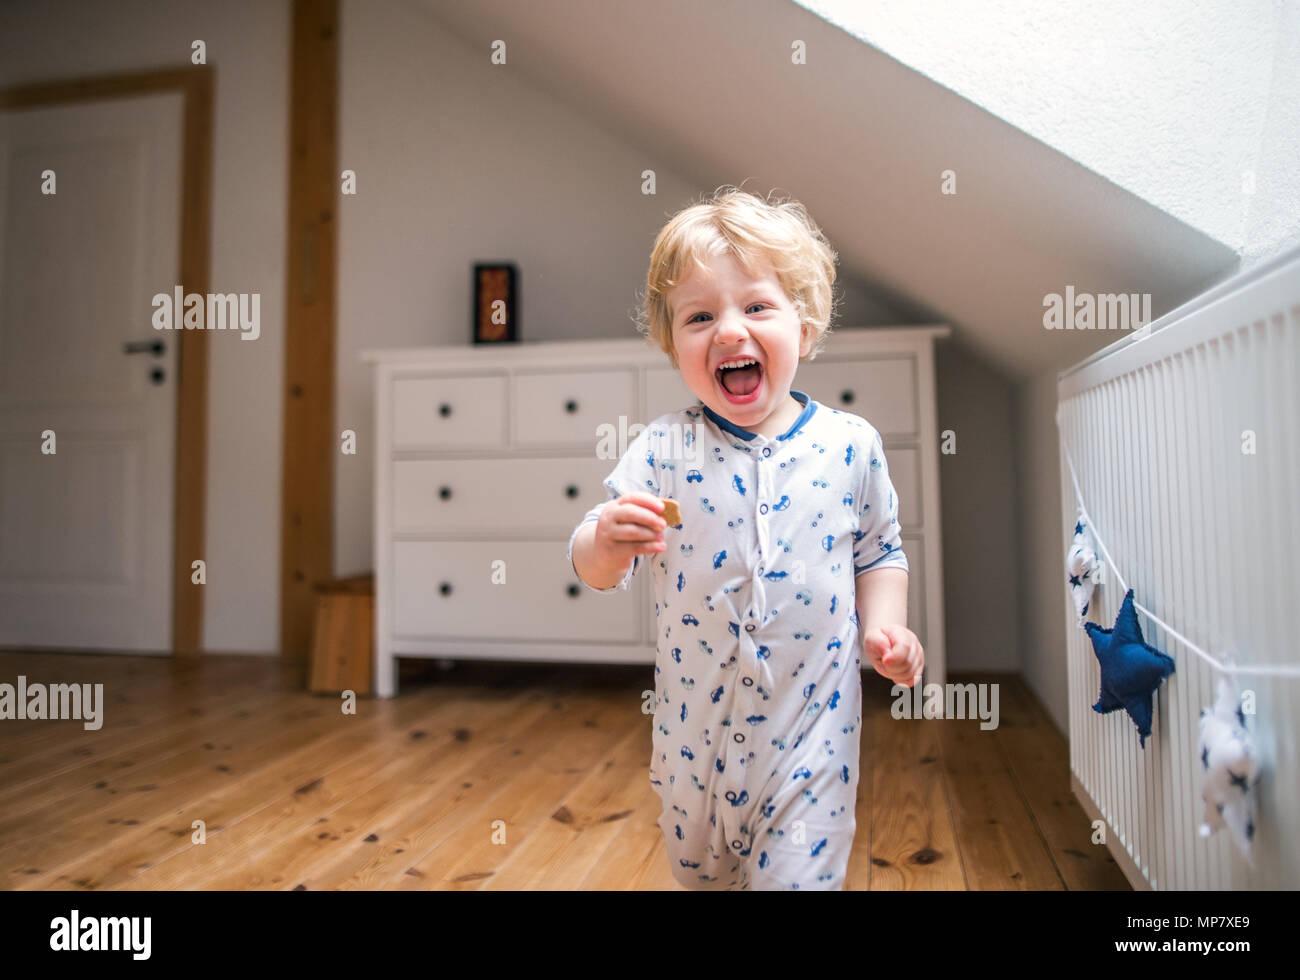 Un niño chico en el dormitorio en el hogar. Imagen De Stock